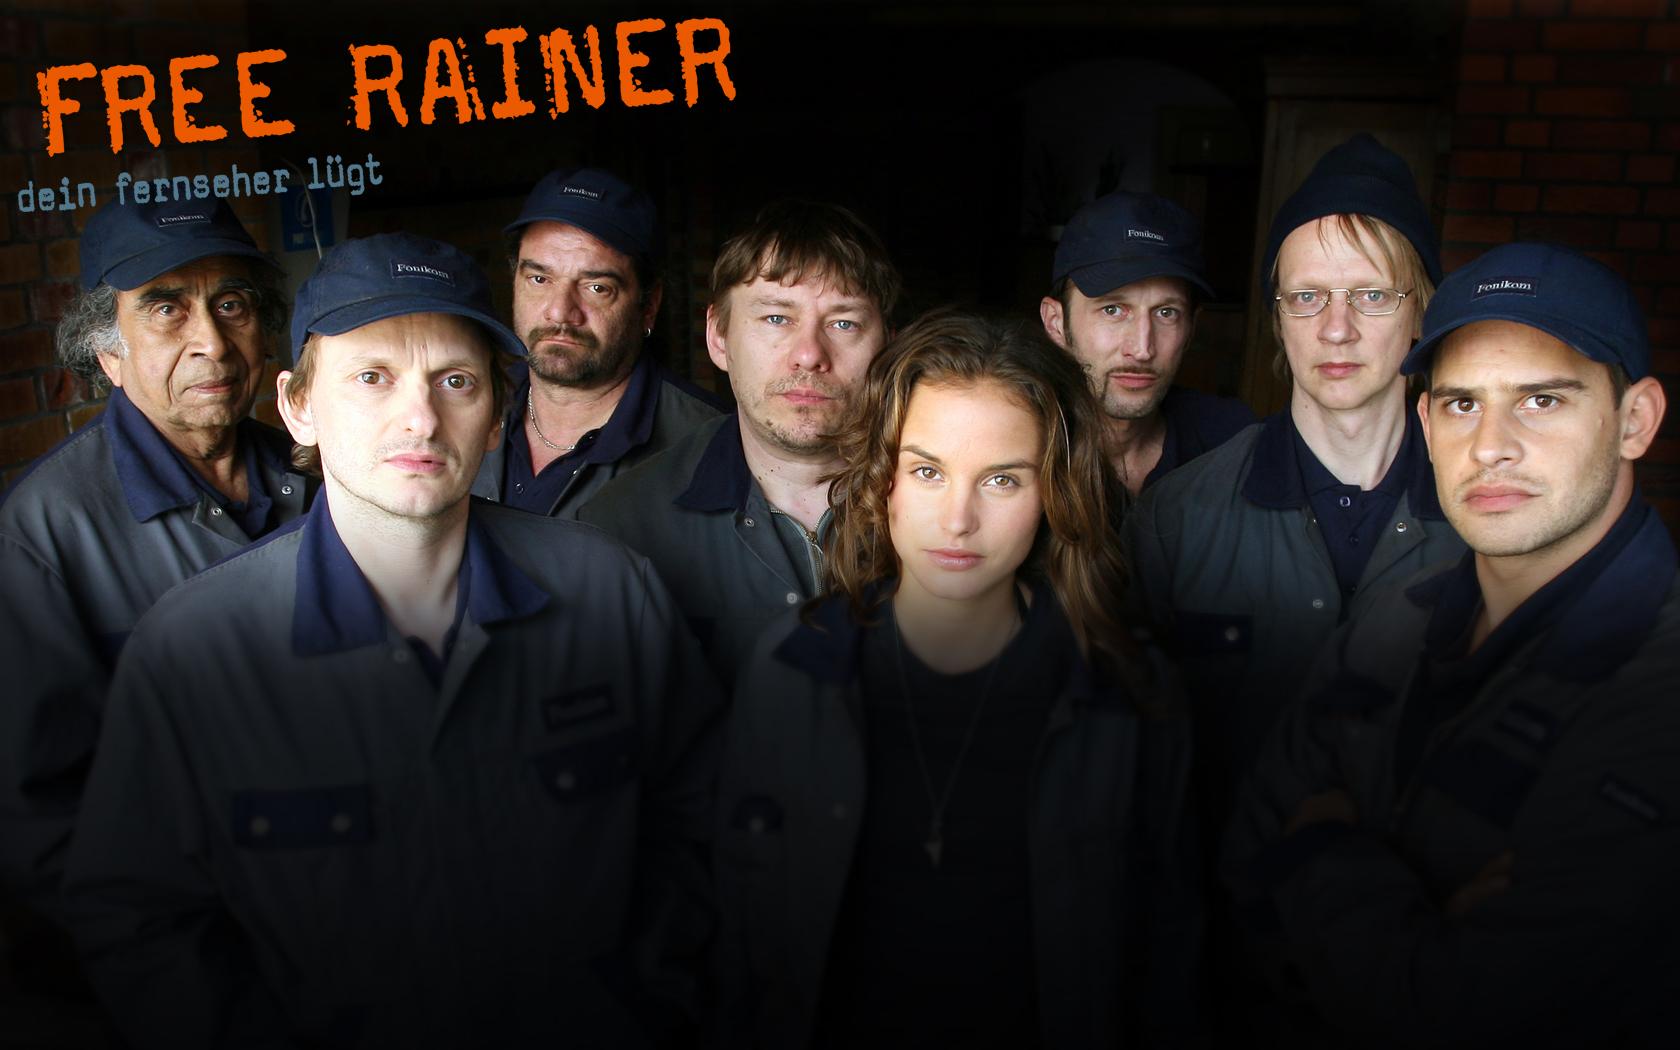 Free Rainer Ganzer Film